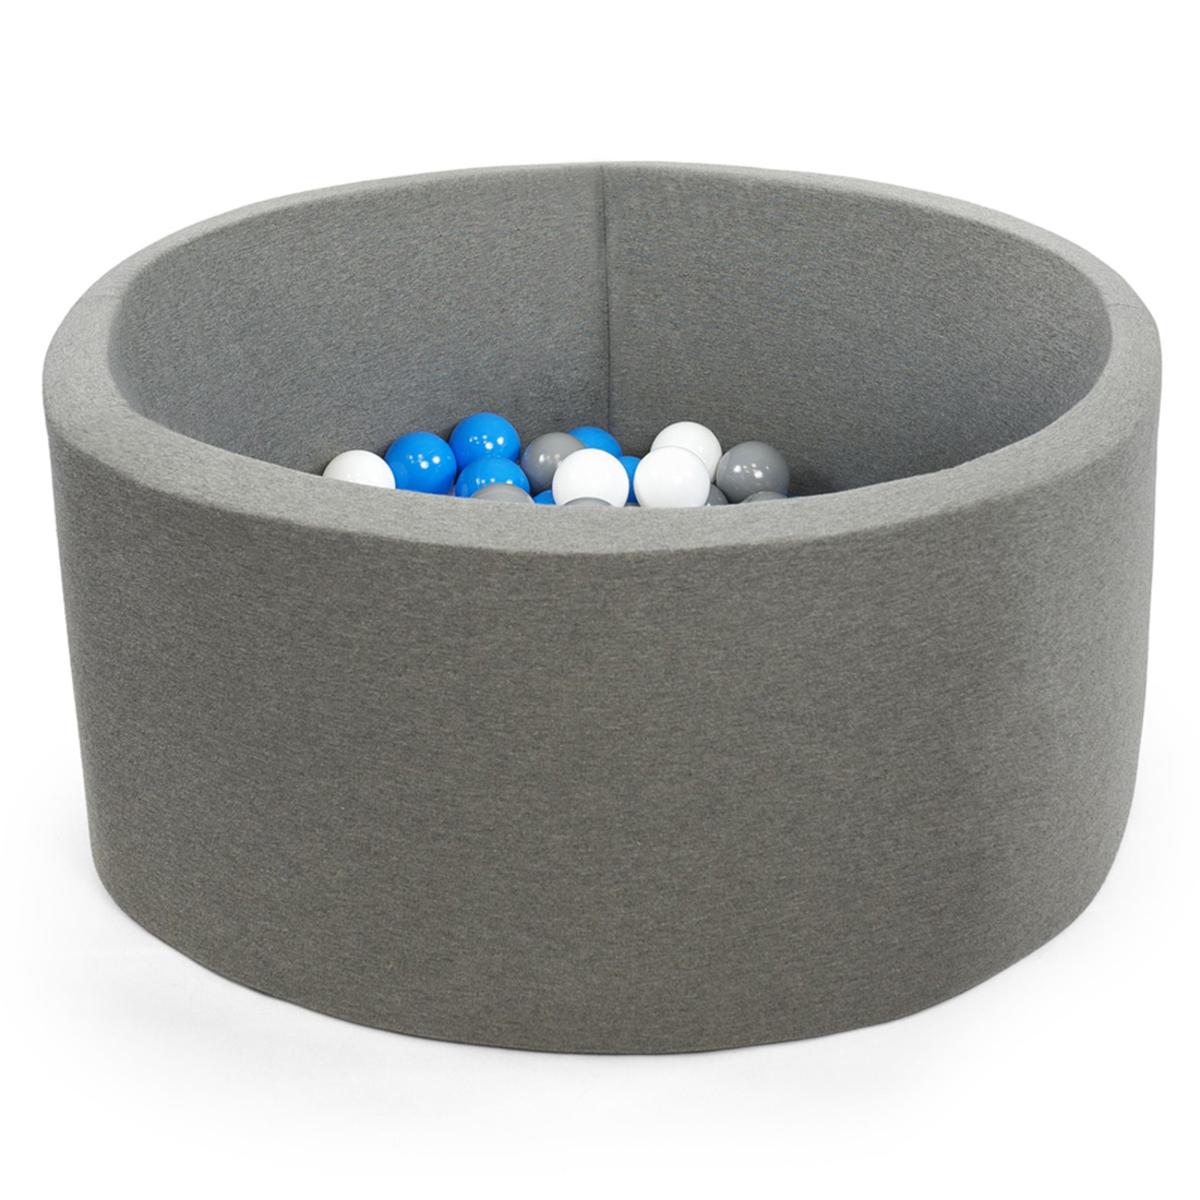 Mes premiers jouets Piscine à Balles Ronde Grise 90 x 40 cm + 200 Balles Piscine à Balles Ronde Grise 90 x 40 cm + 200 Balles